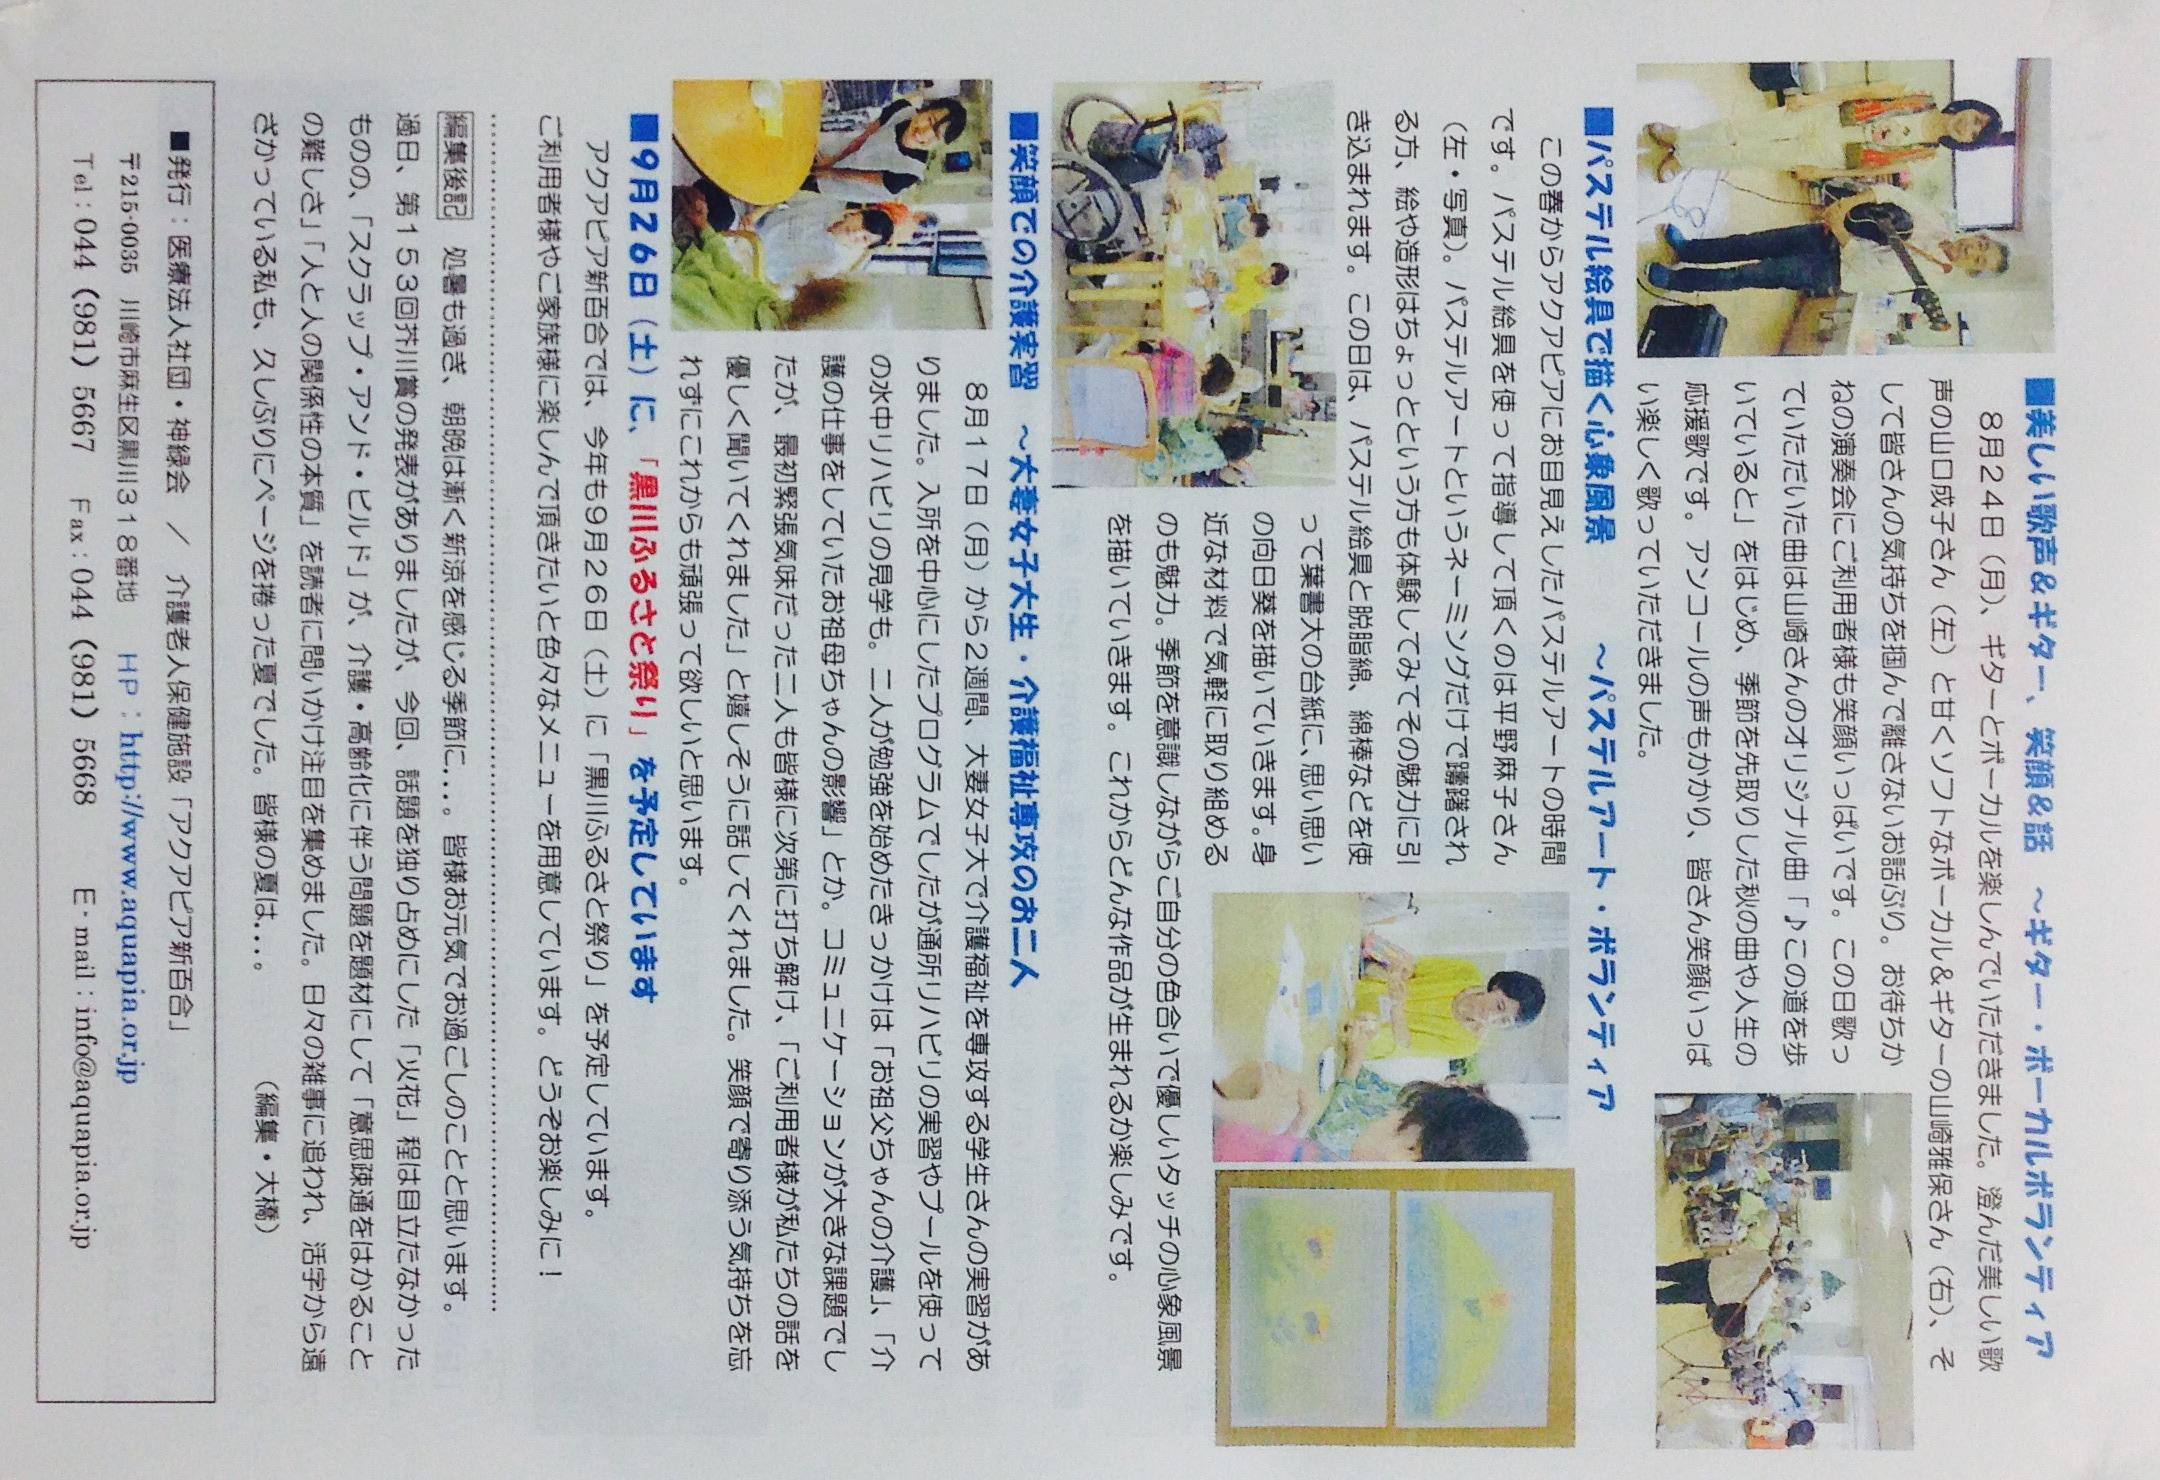 高齢者介護施設アクアピア新百合ヶ丘でのパステルアート教室の様子が掲載された広報誌の写真です。